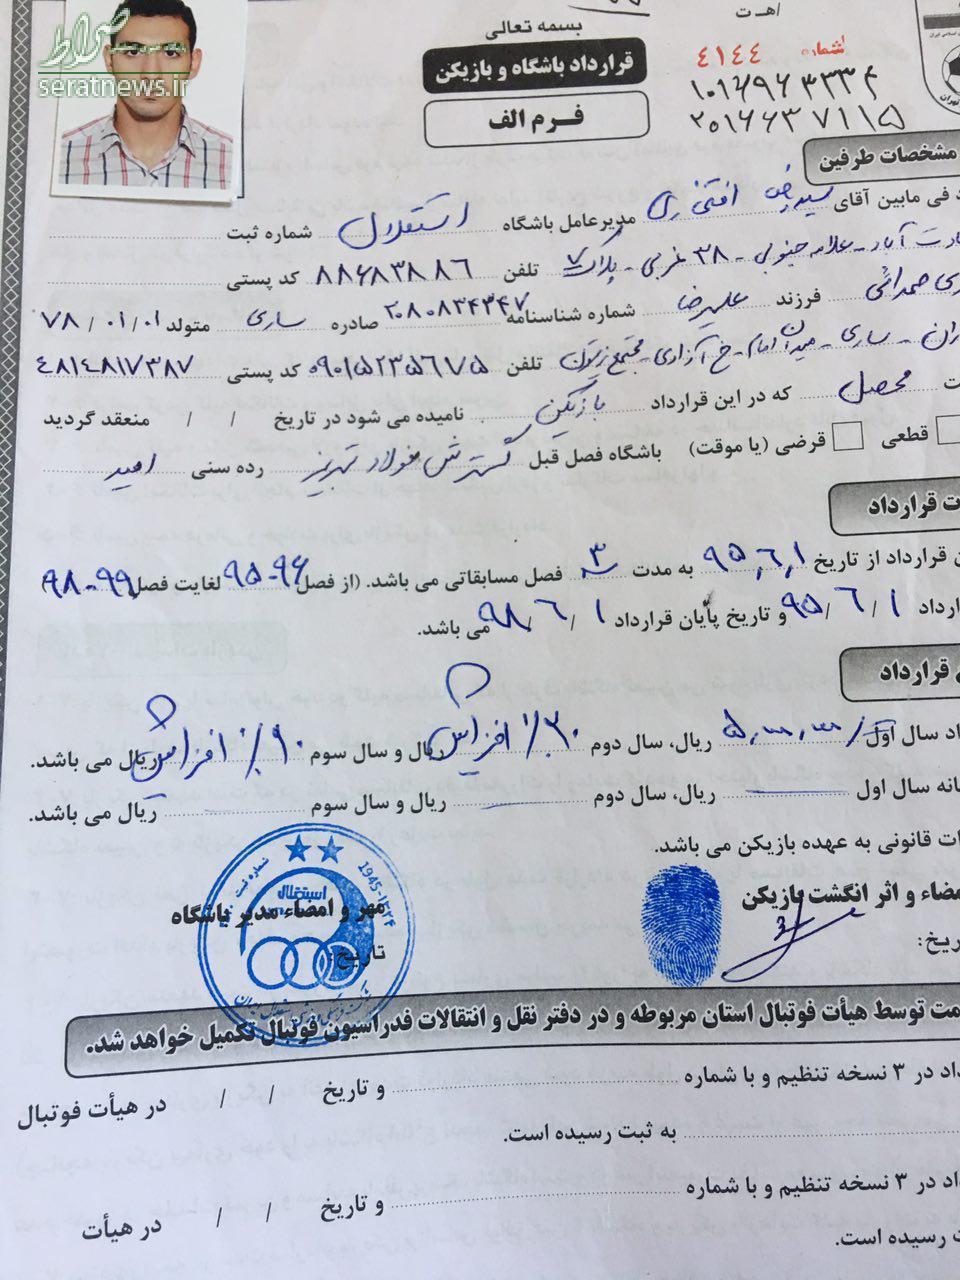 ماجرای عجیب جعل امضا در باشگاه استقلال؛ فراموشی افتخاری